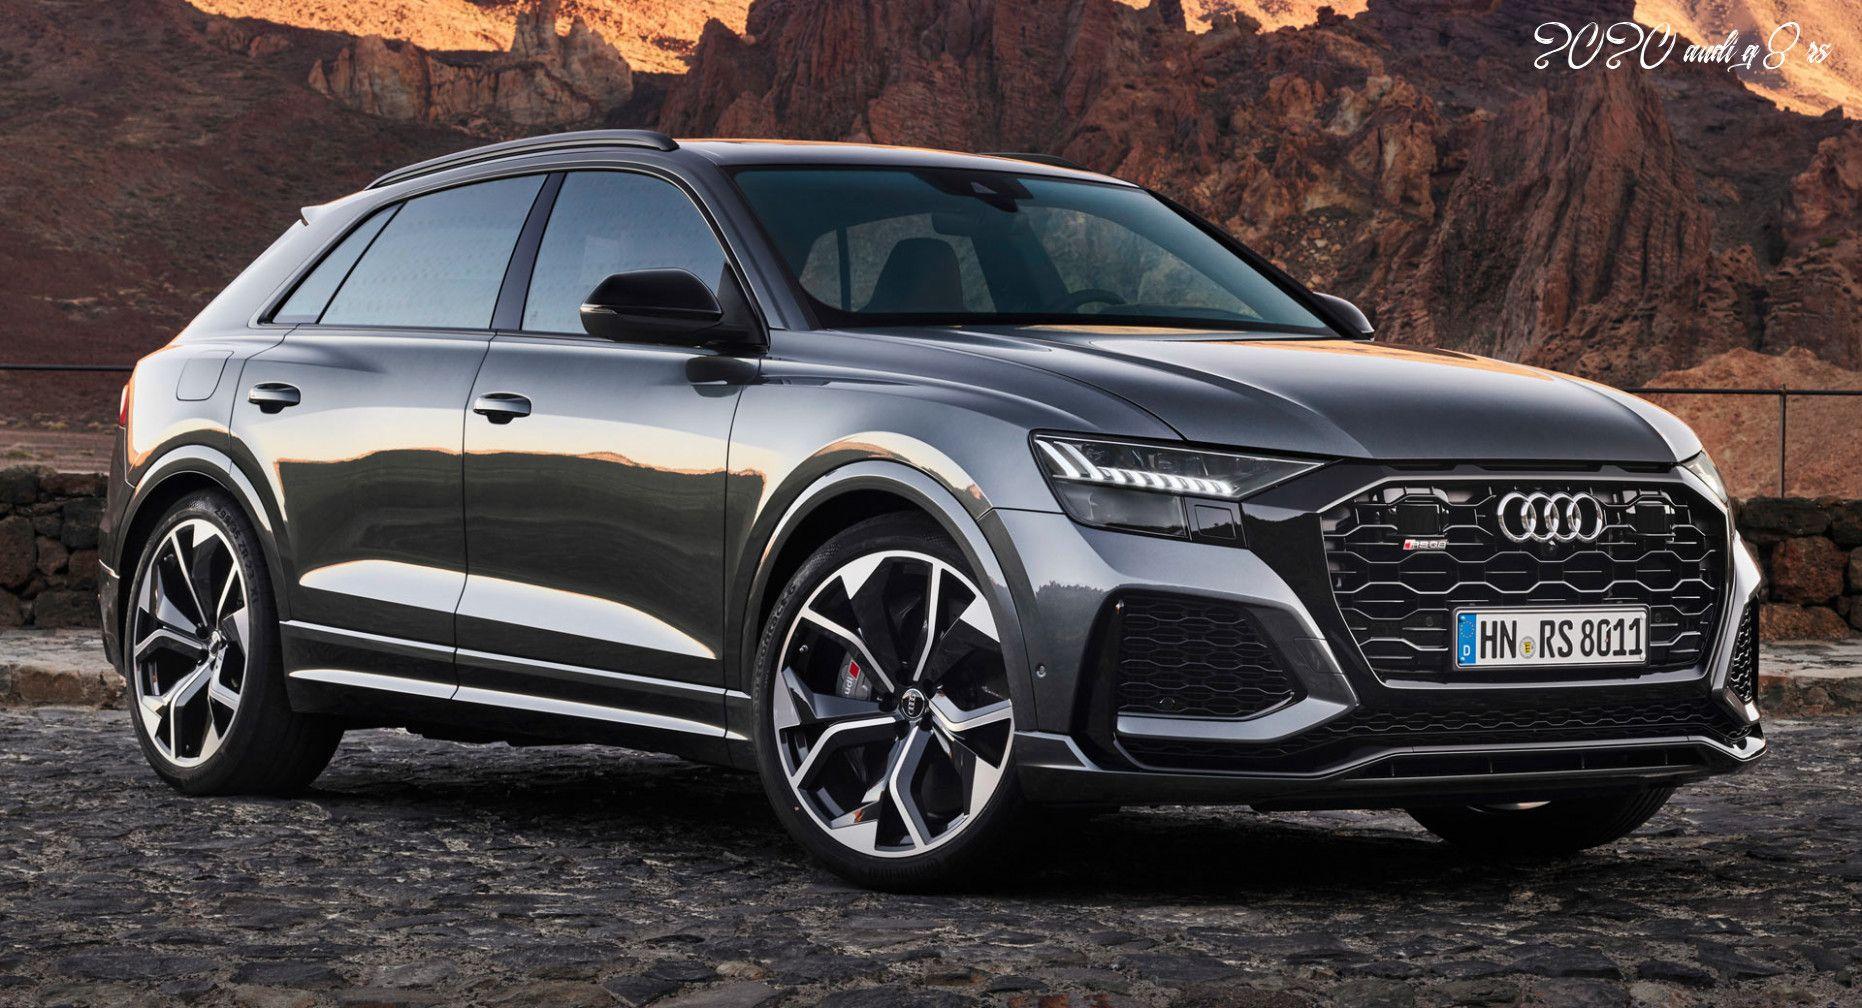 2020 Audi Q8 Rs Audi Rs Audi Audi Q7 Interior